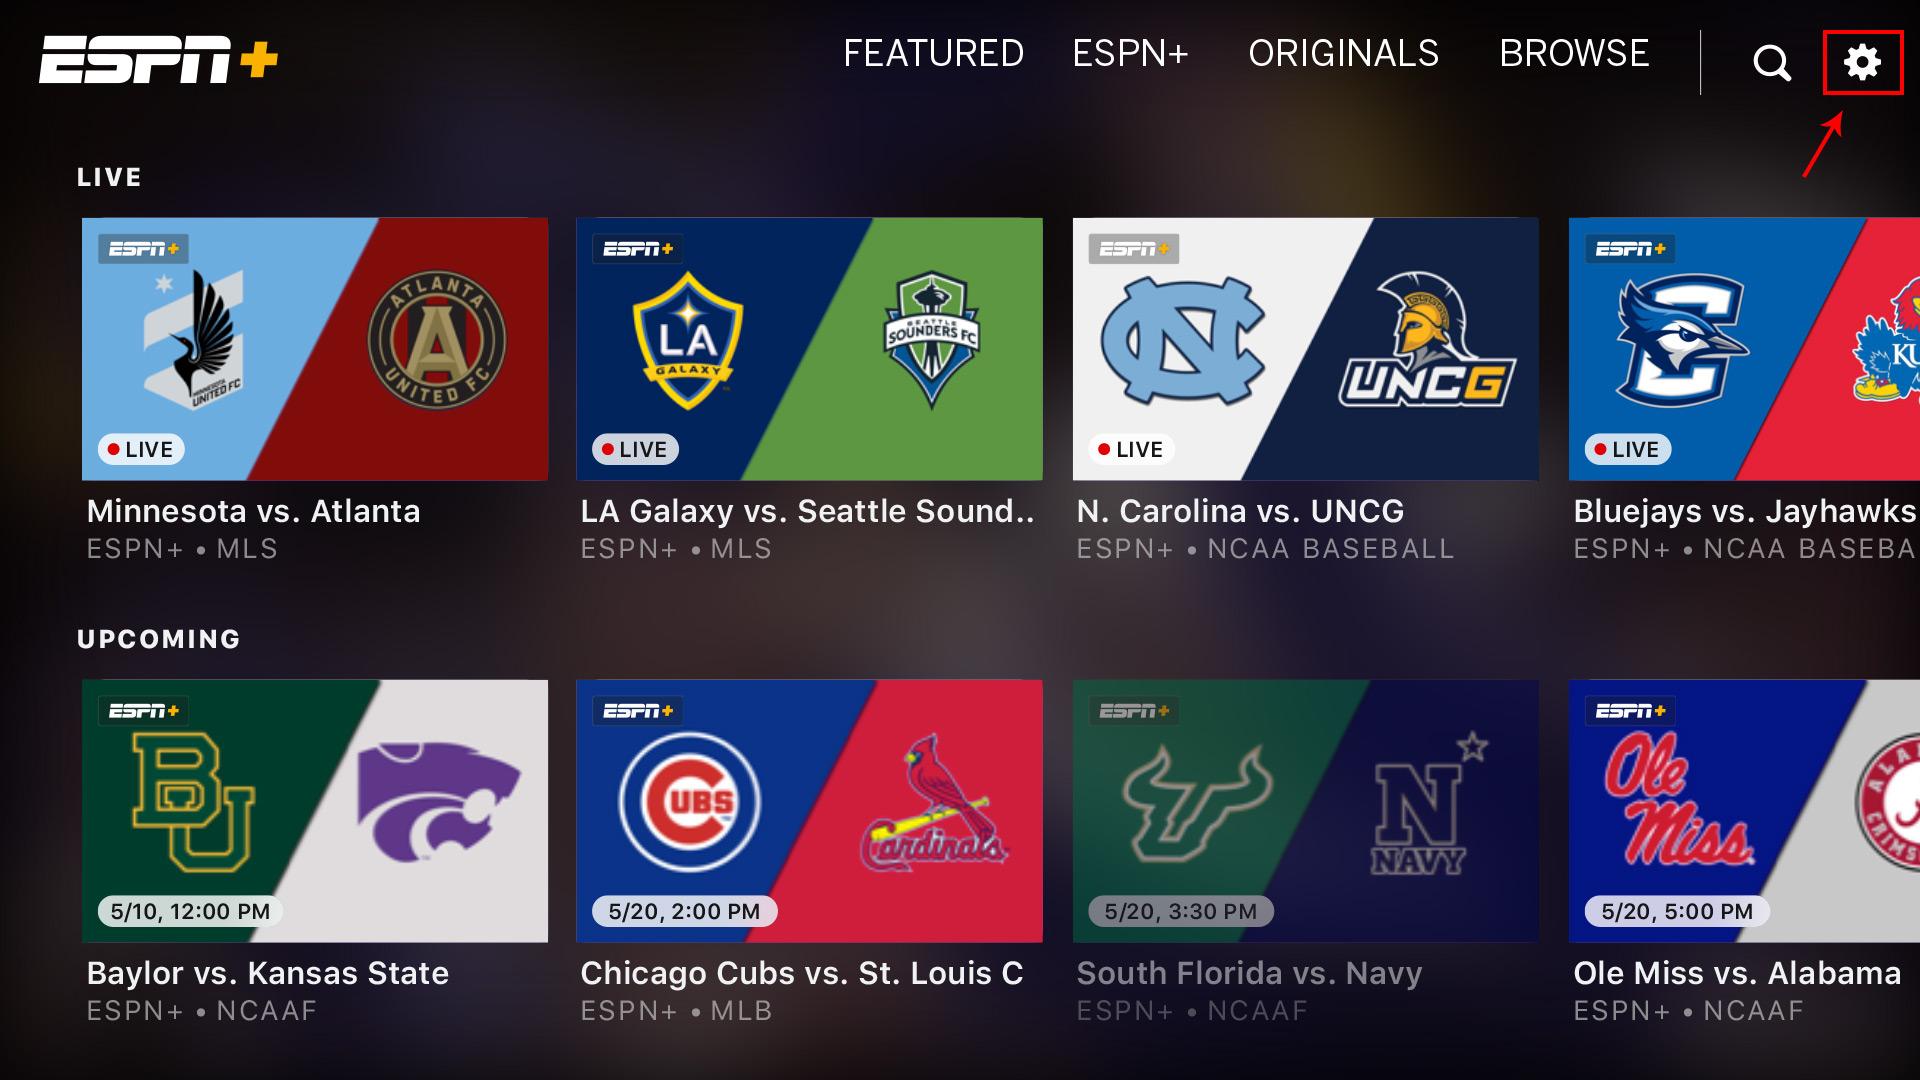 Fire TV & Fire Tablet – ESPN+